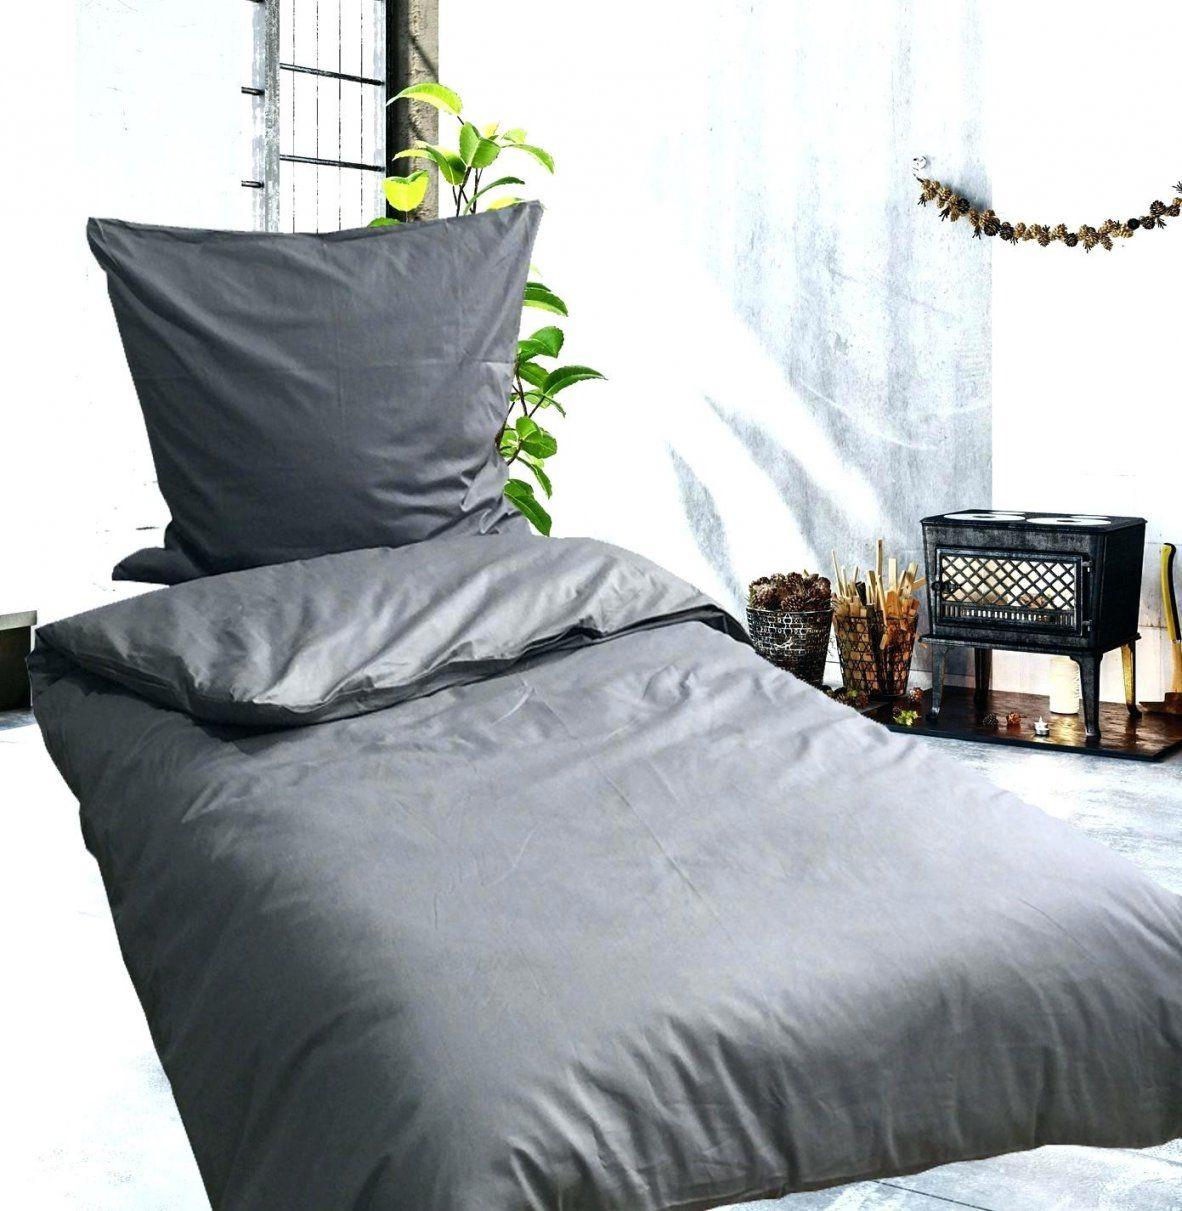 Renforce Bettwasche Baumwolle 135×200 Cm Einfarbig Uni Anthrazit von Renforce Bettwäsche Wiki Photo